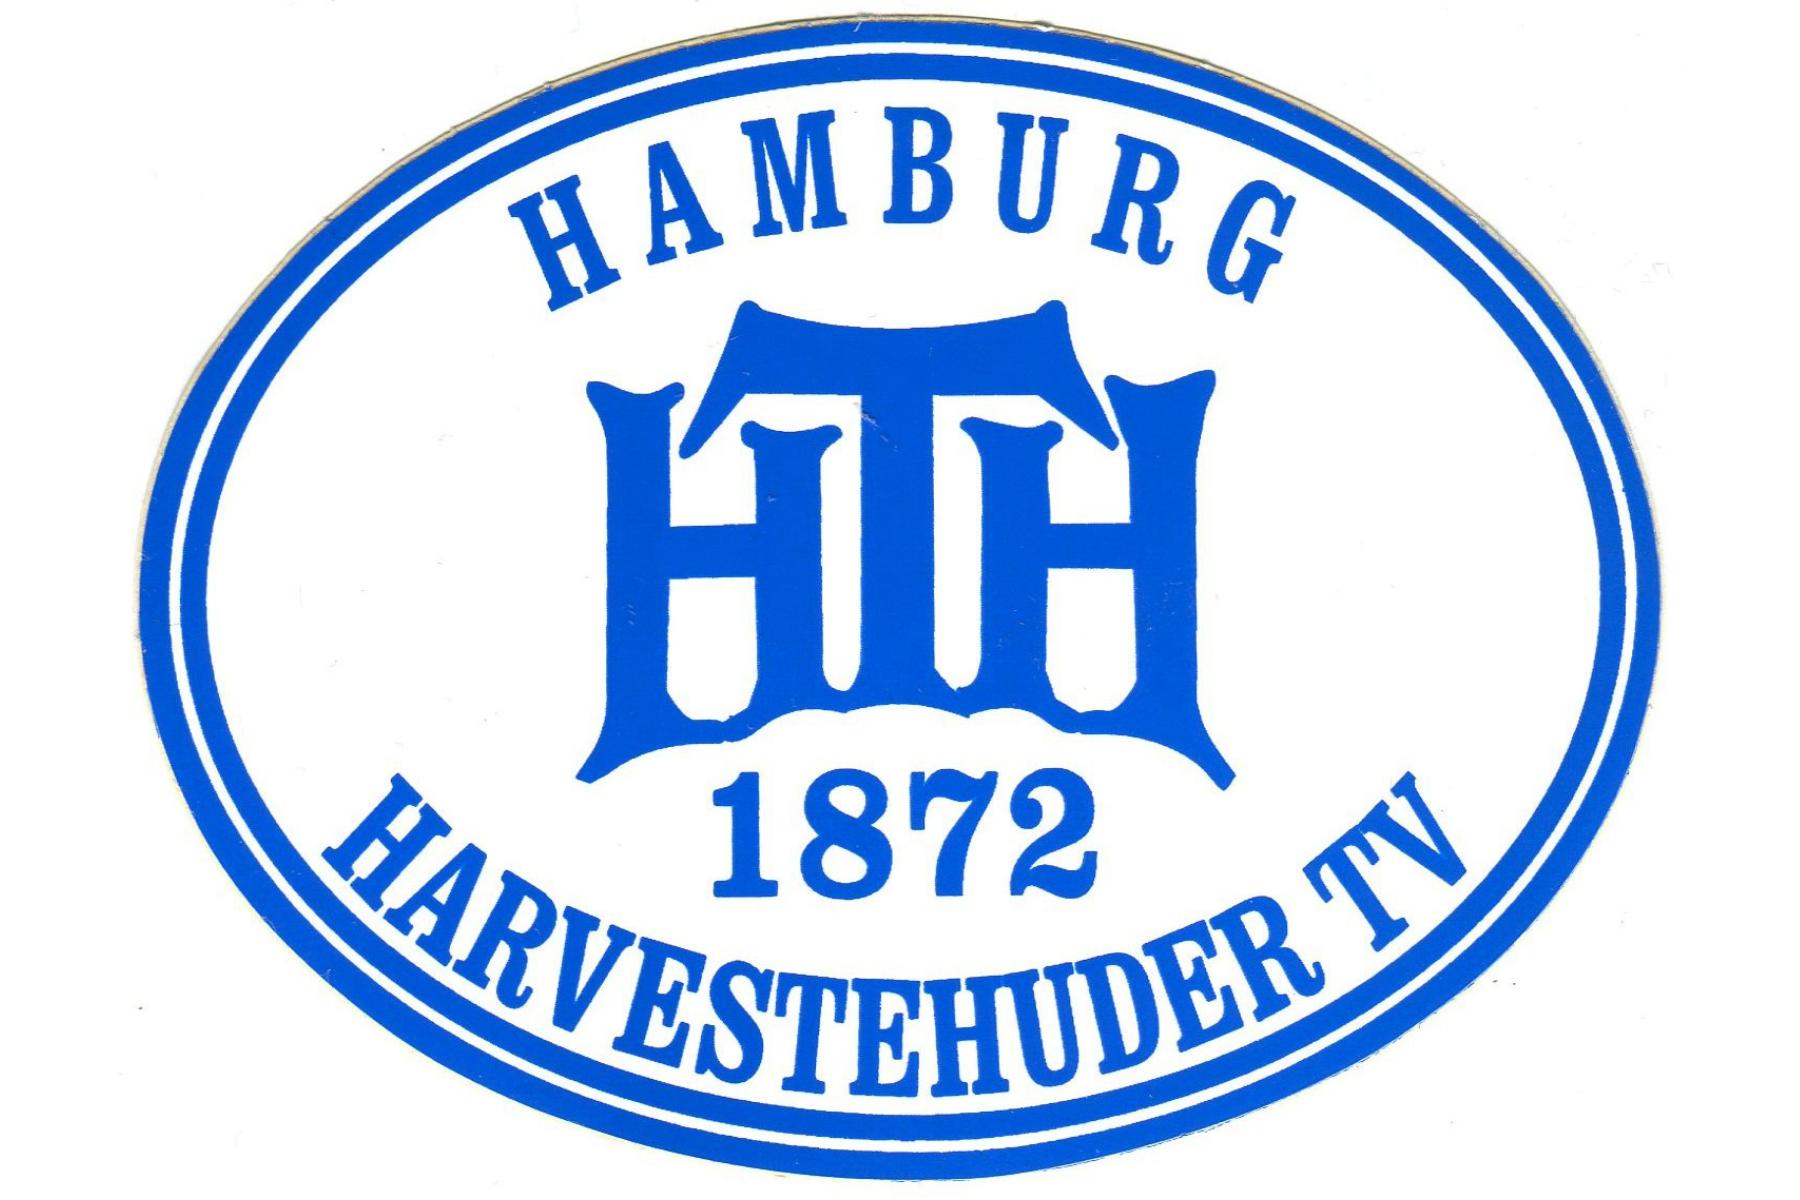 Hamburg-Harvestehuder Turnverein von 1872 e. V.